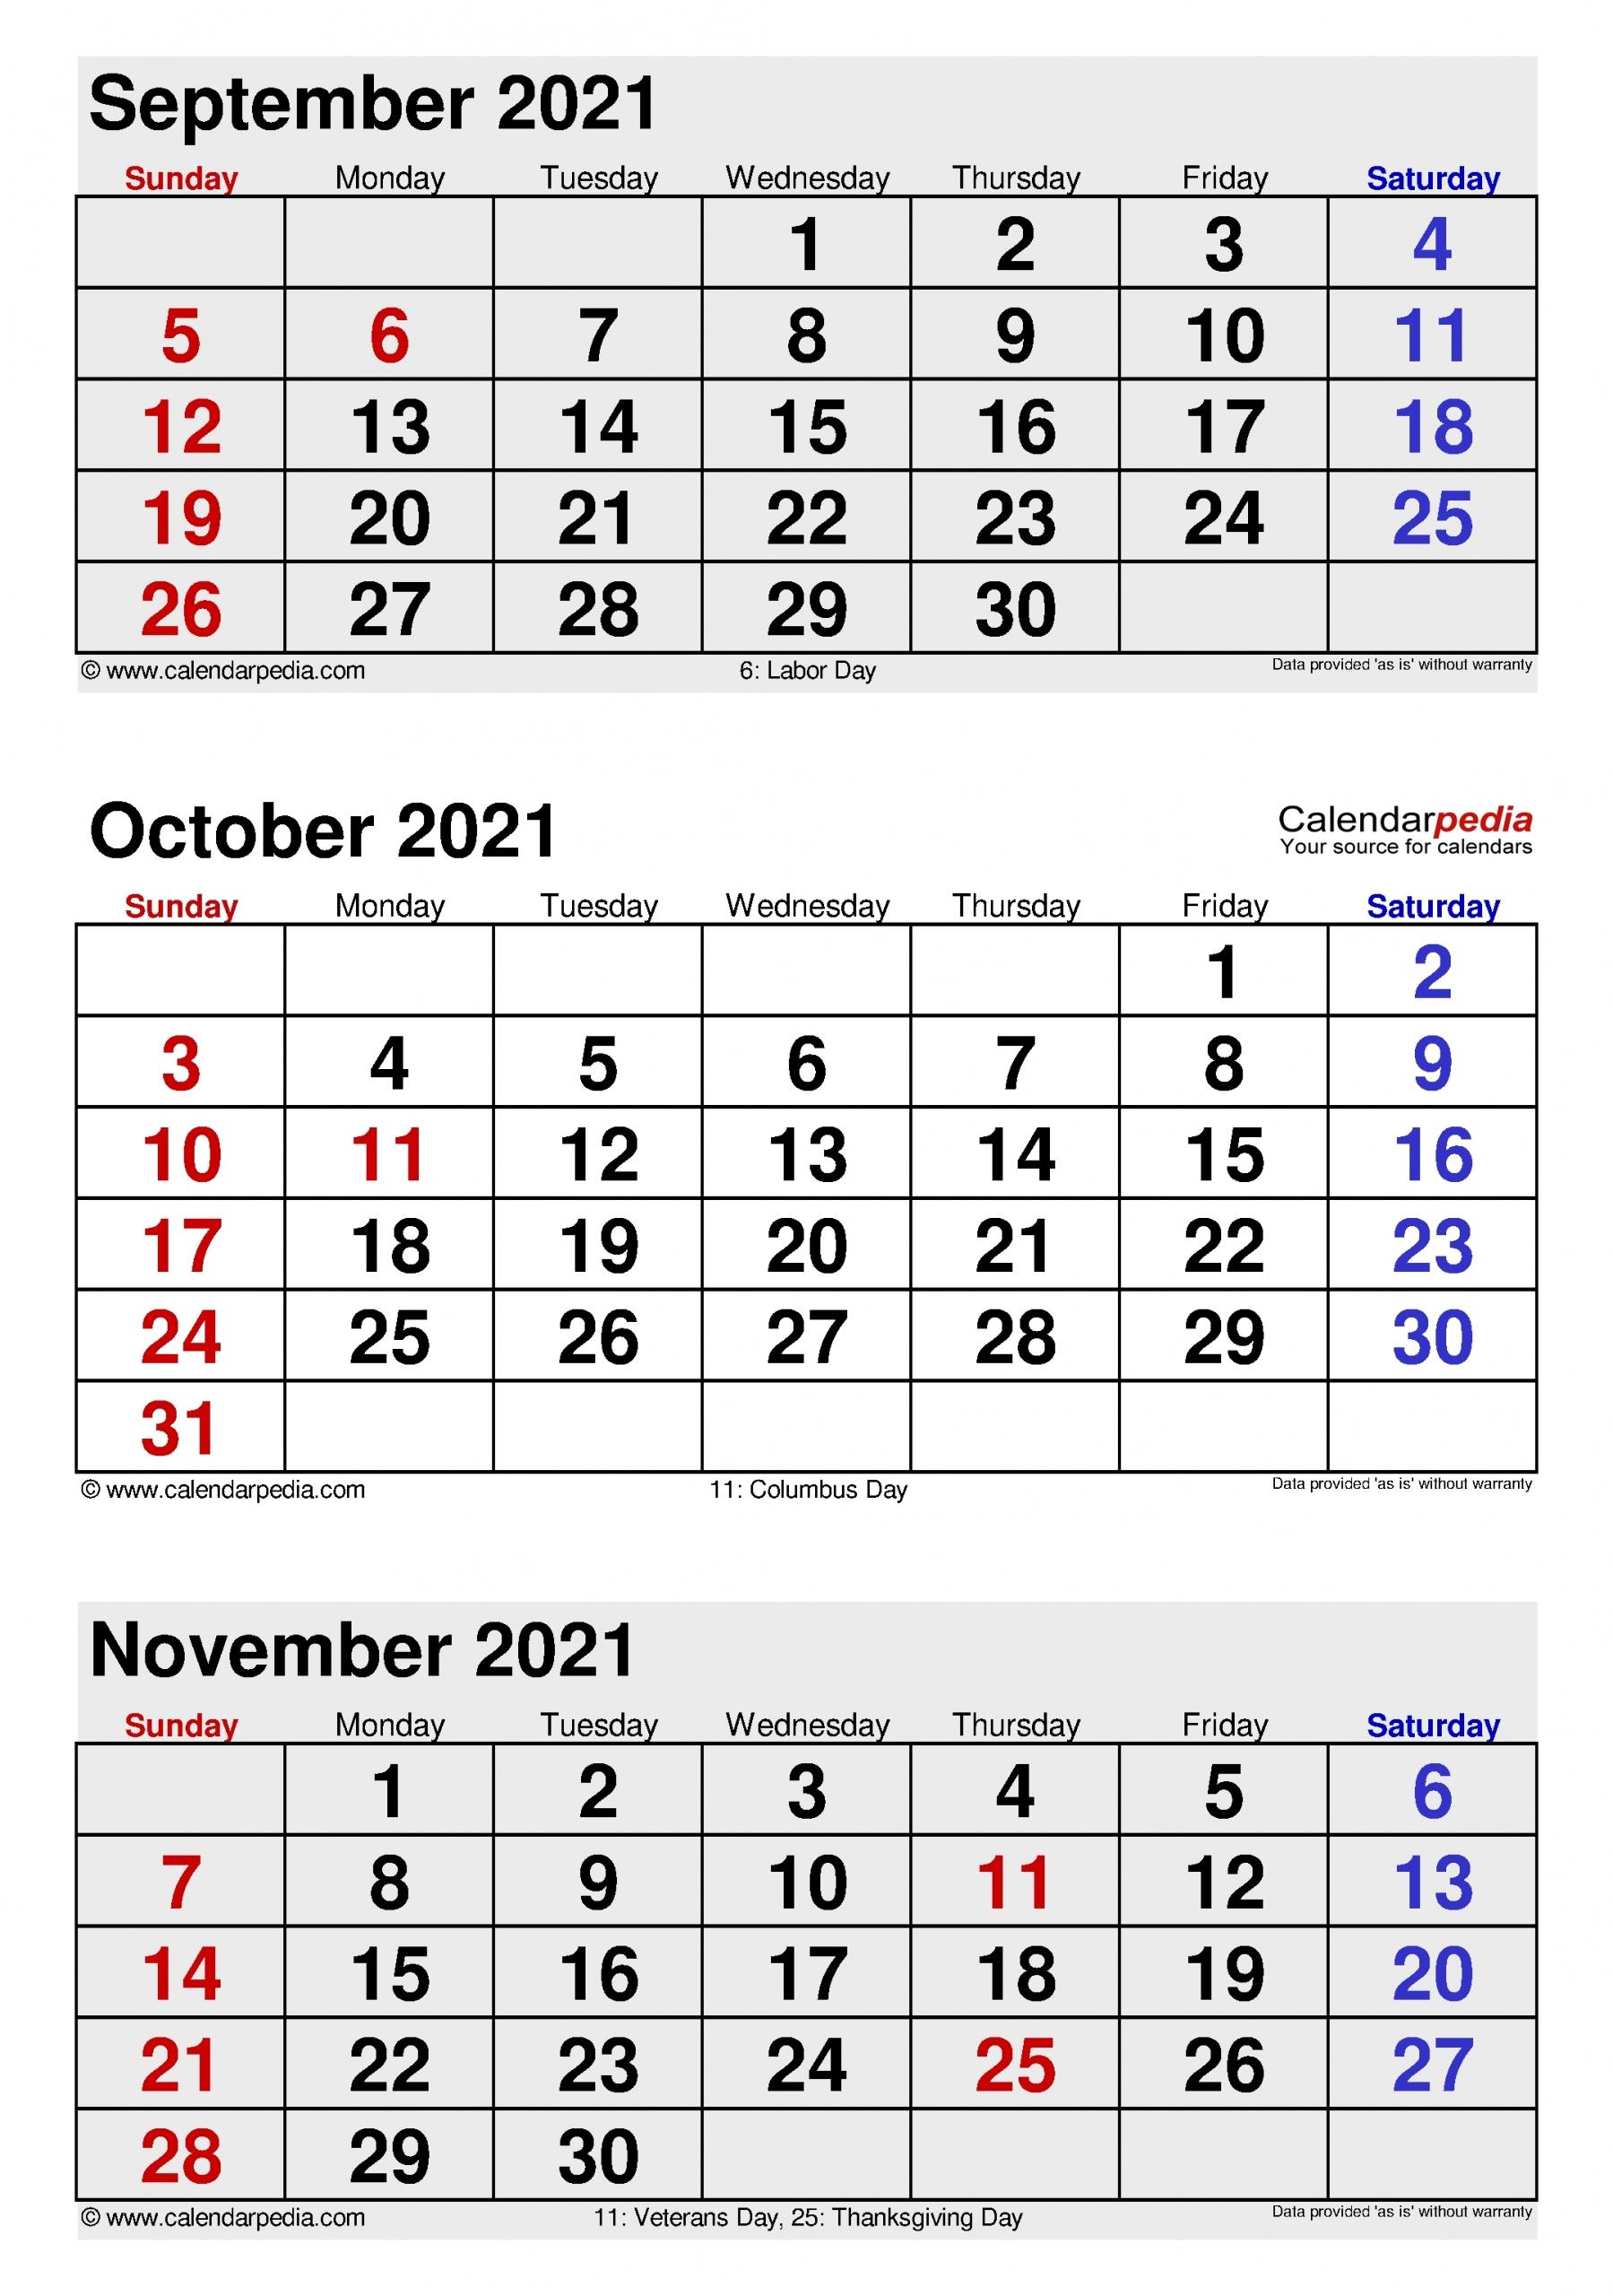 Collect Calendar August September October 2021 - Best Calendar Example September And October 2021 Calendar